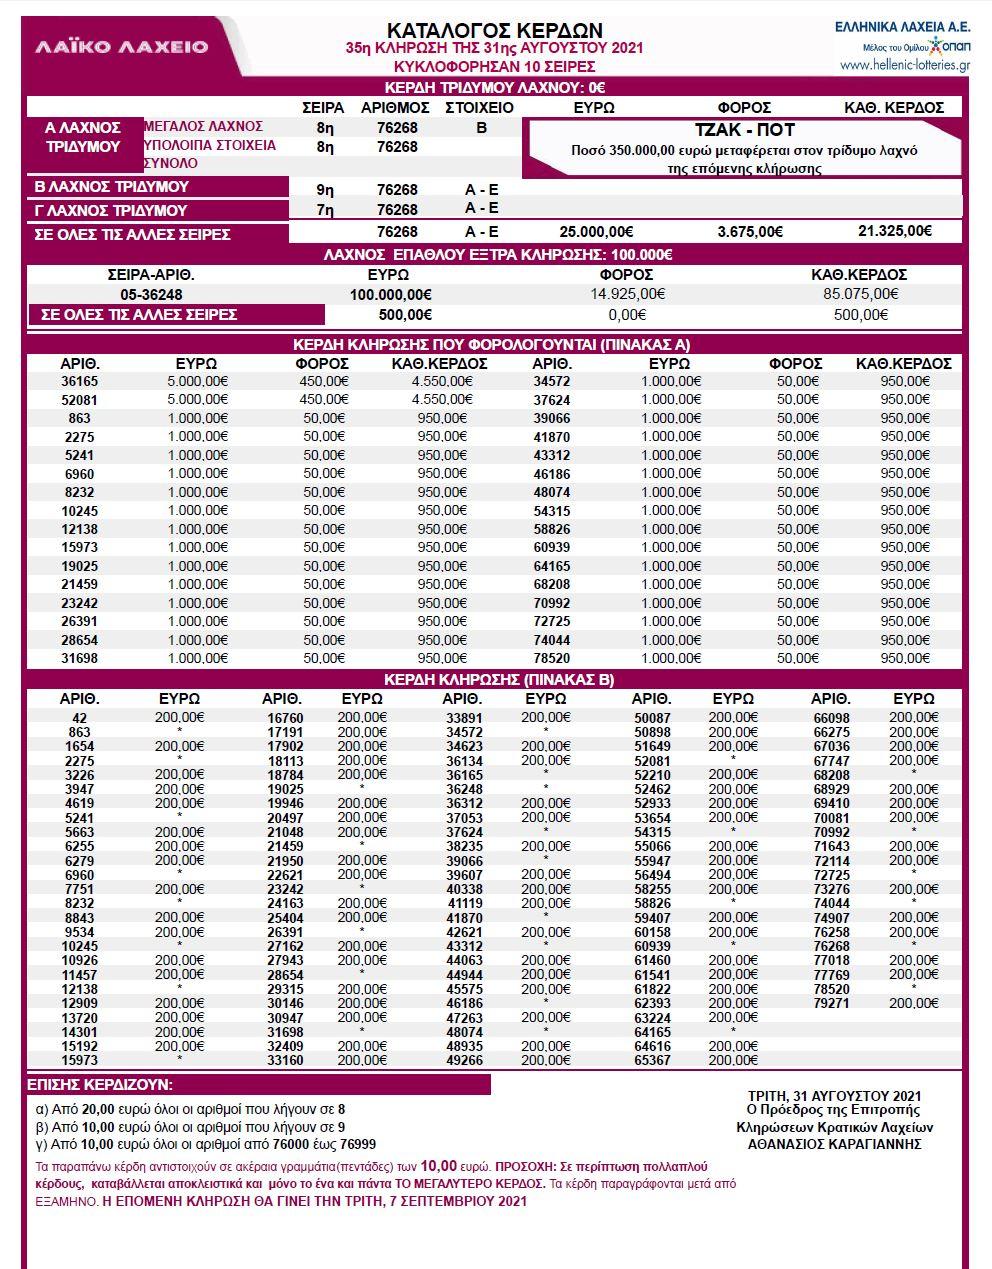 κληρωση-35-λαικο-λαχειο-31-08-2021-αποτελεσματα-λαικου-λαχειου-31-αυγουστου-2021